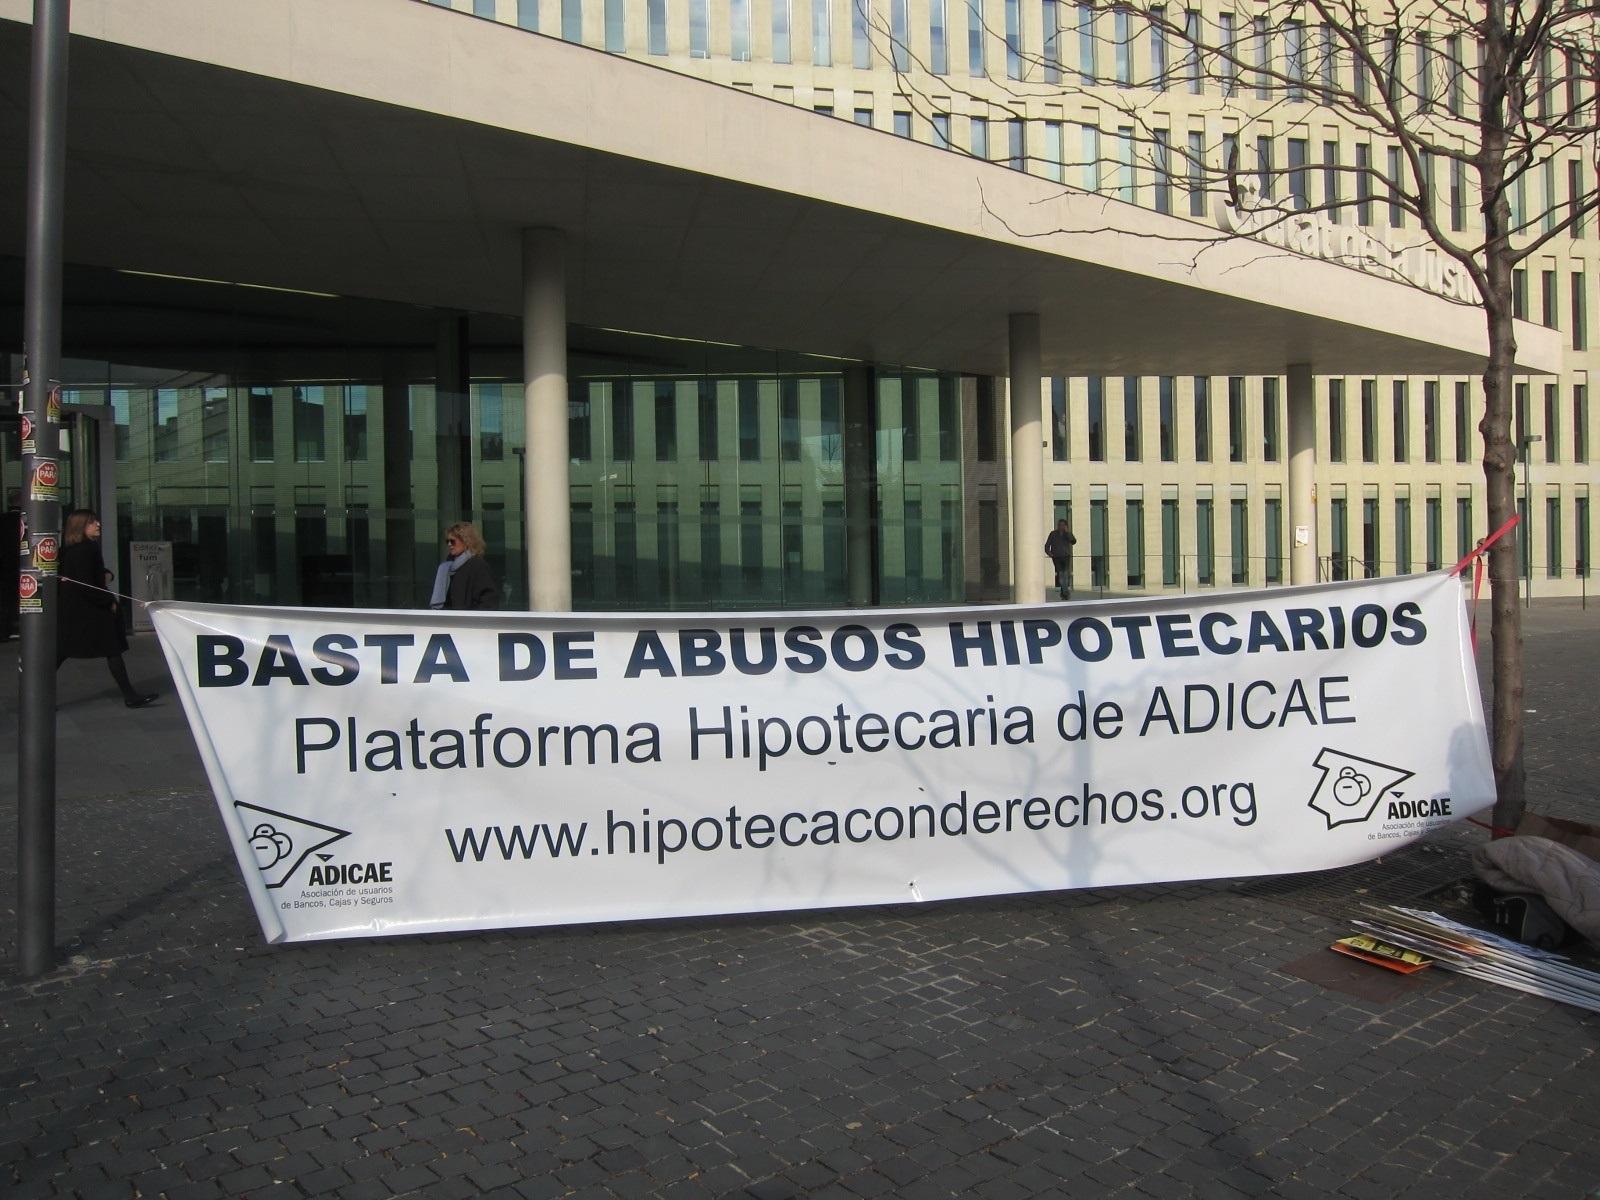 Protesta de Adicae contra los abusos hipotecarios.